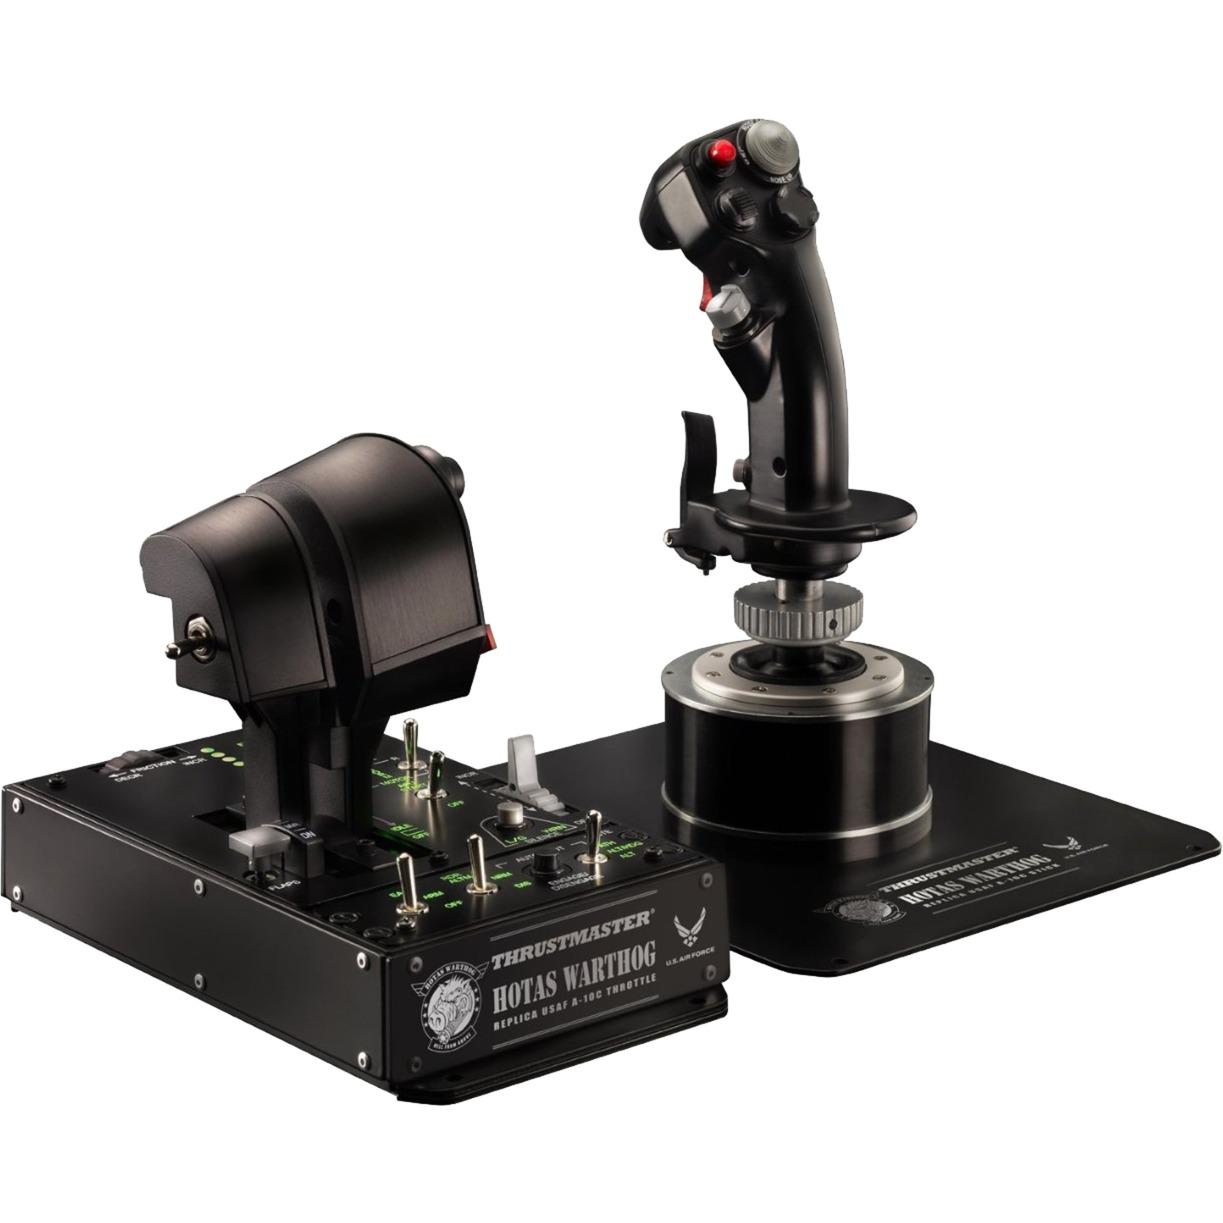 Hotas Warthog Palanca de mando PC, Joystick Negro